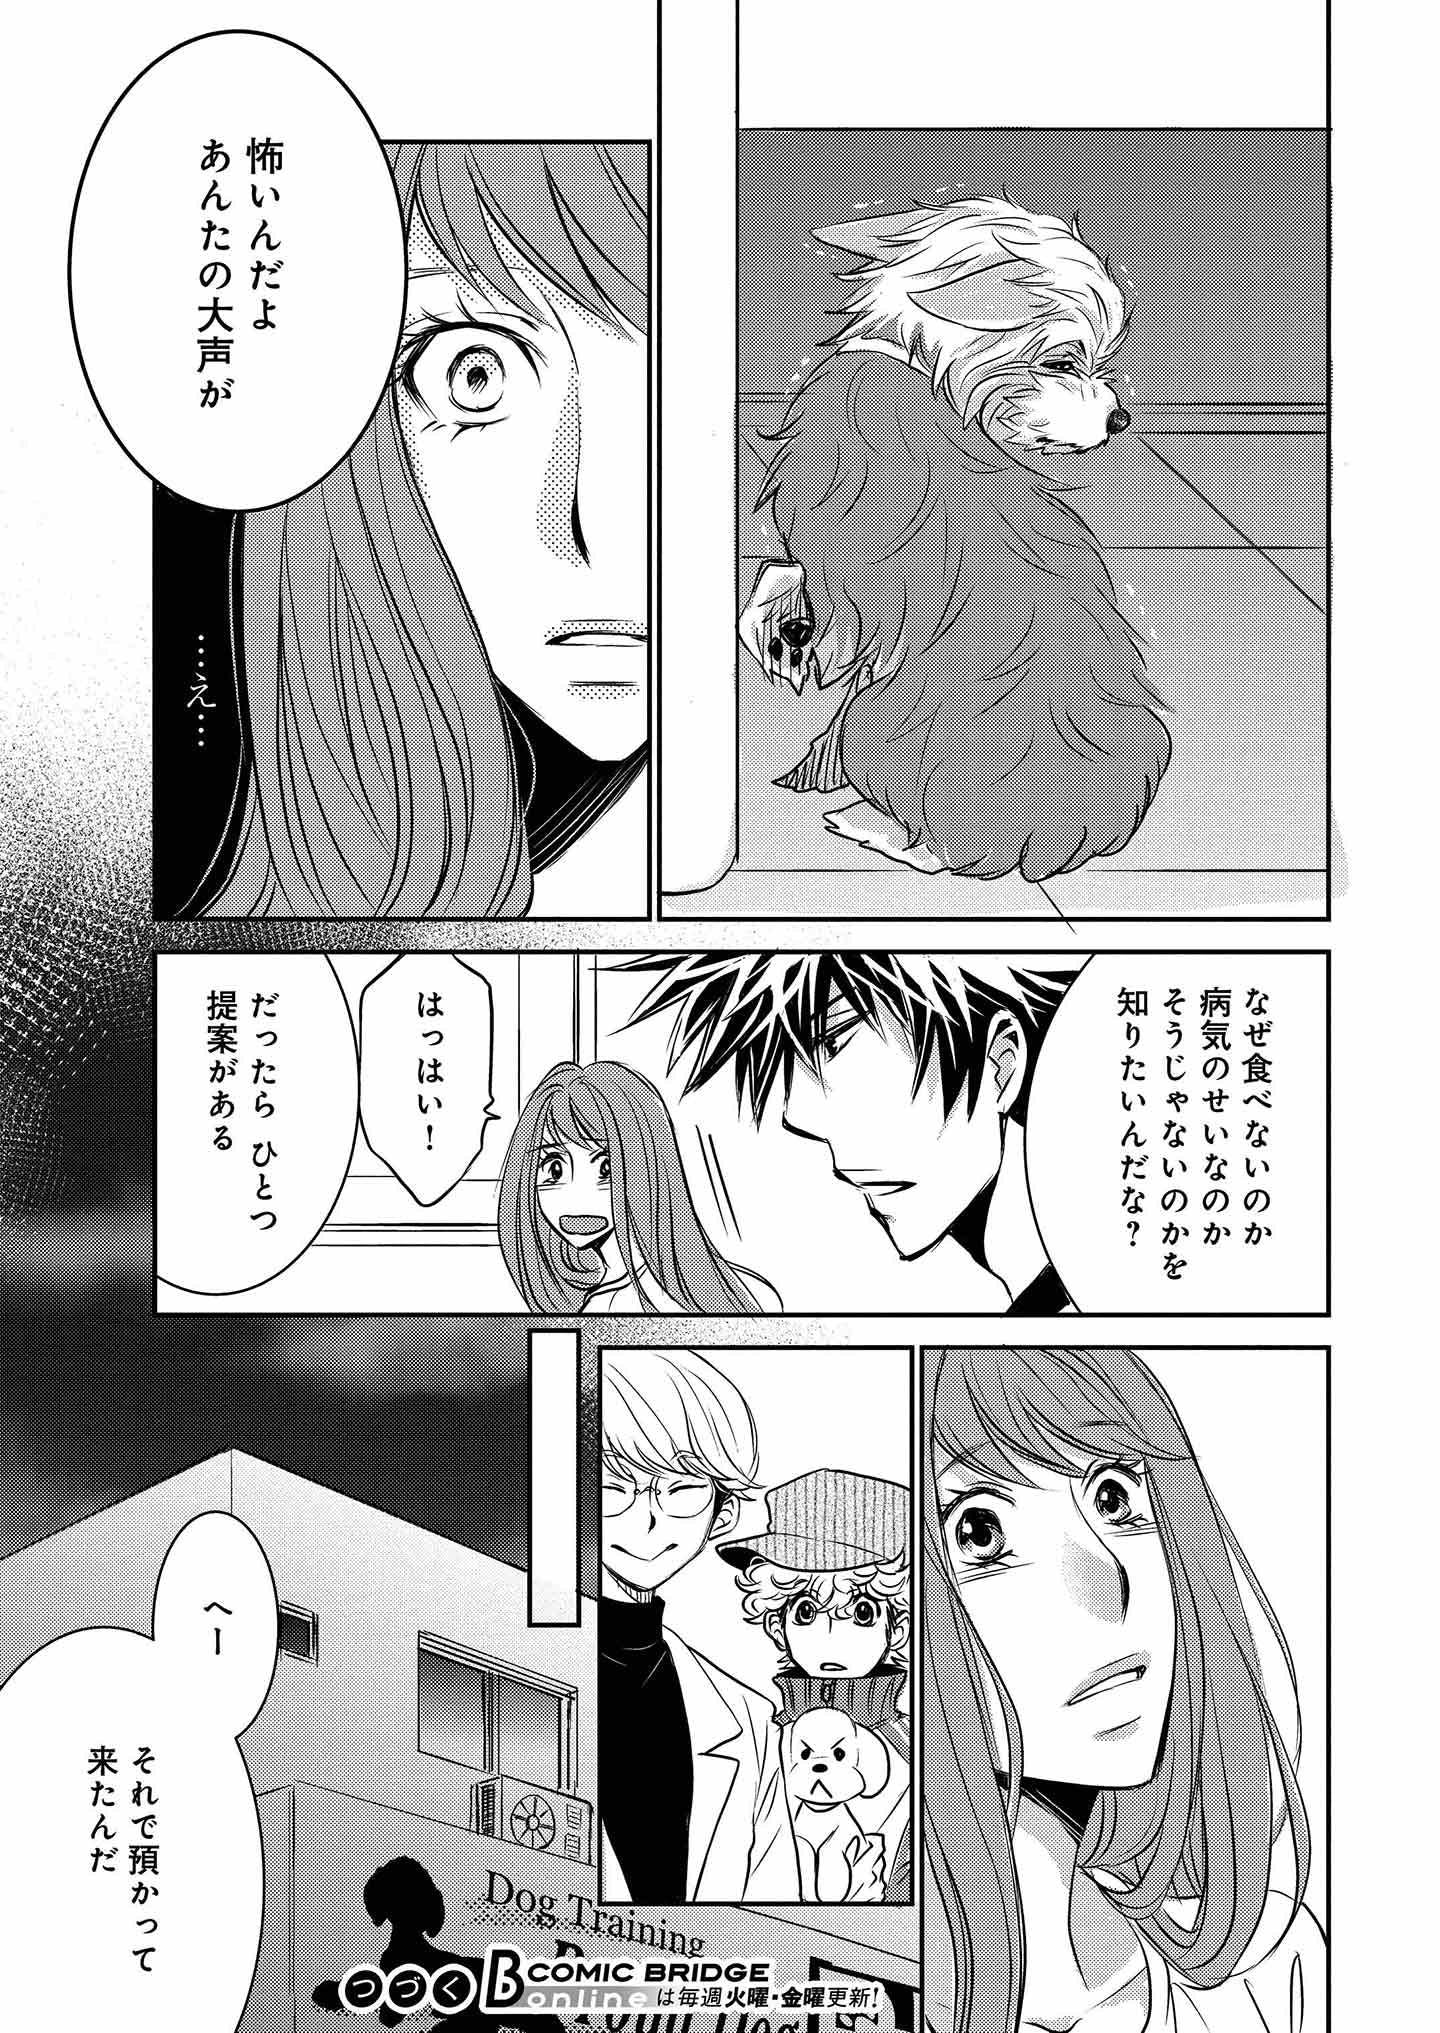 『DOG SIGNAL』13話目② 12ページ目